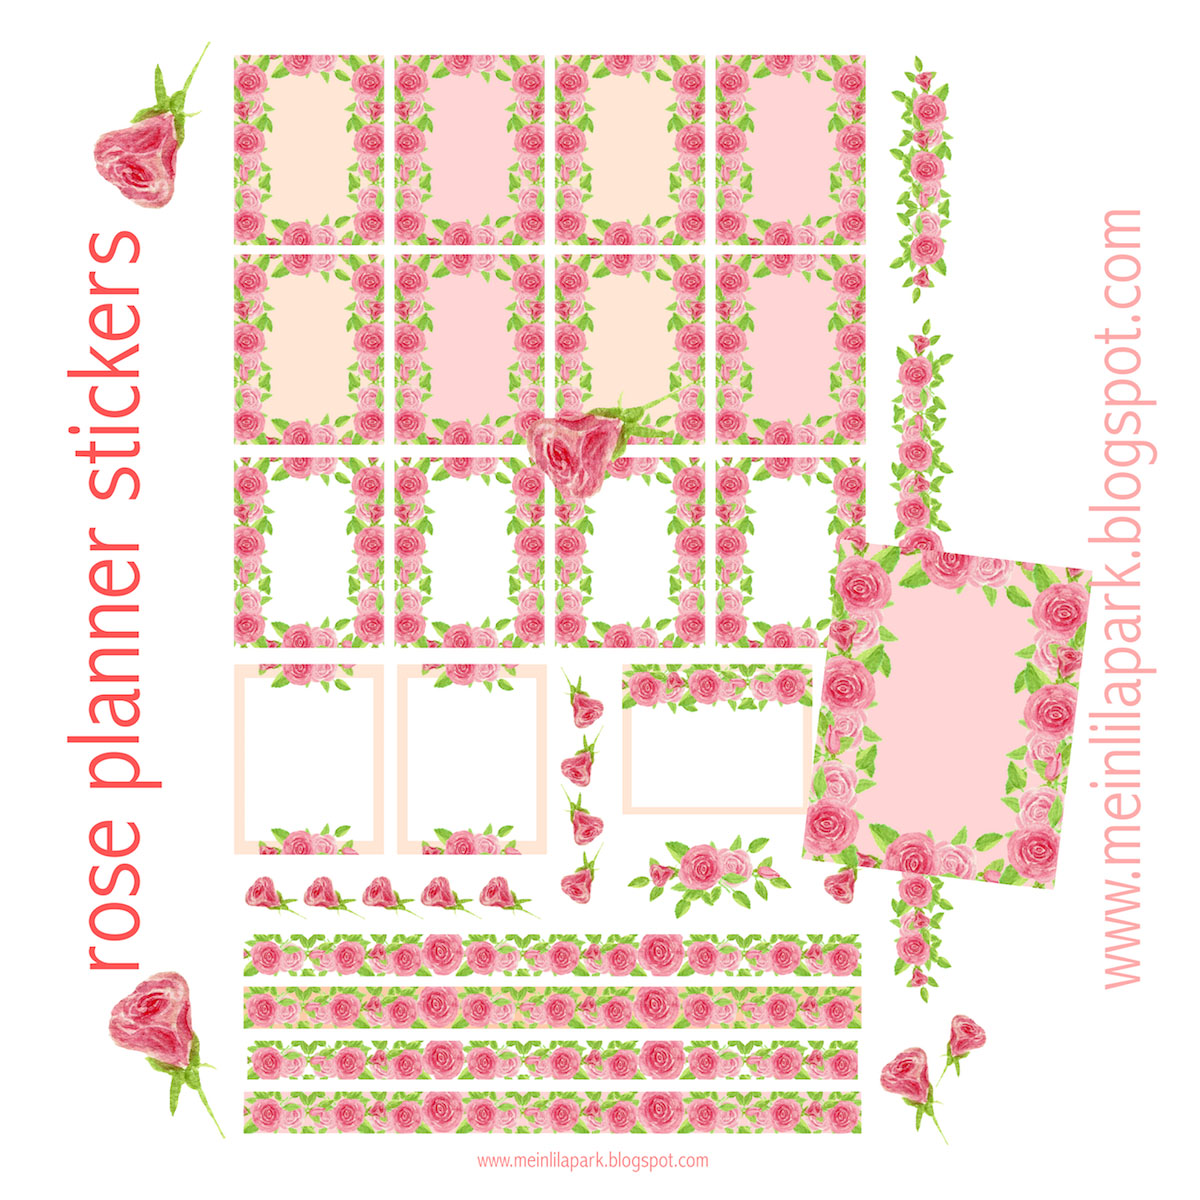 Free printable rose planner stickers - ausdruckbare Etiketten ...